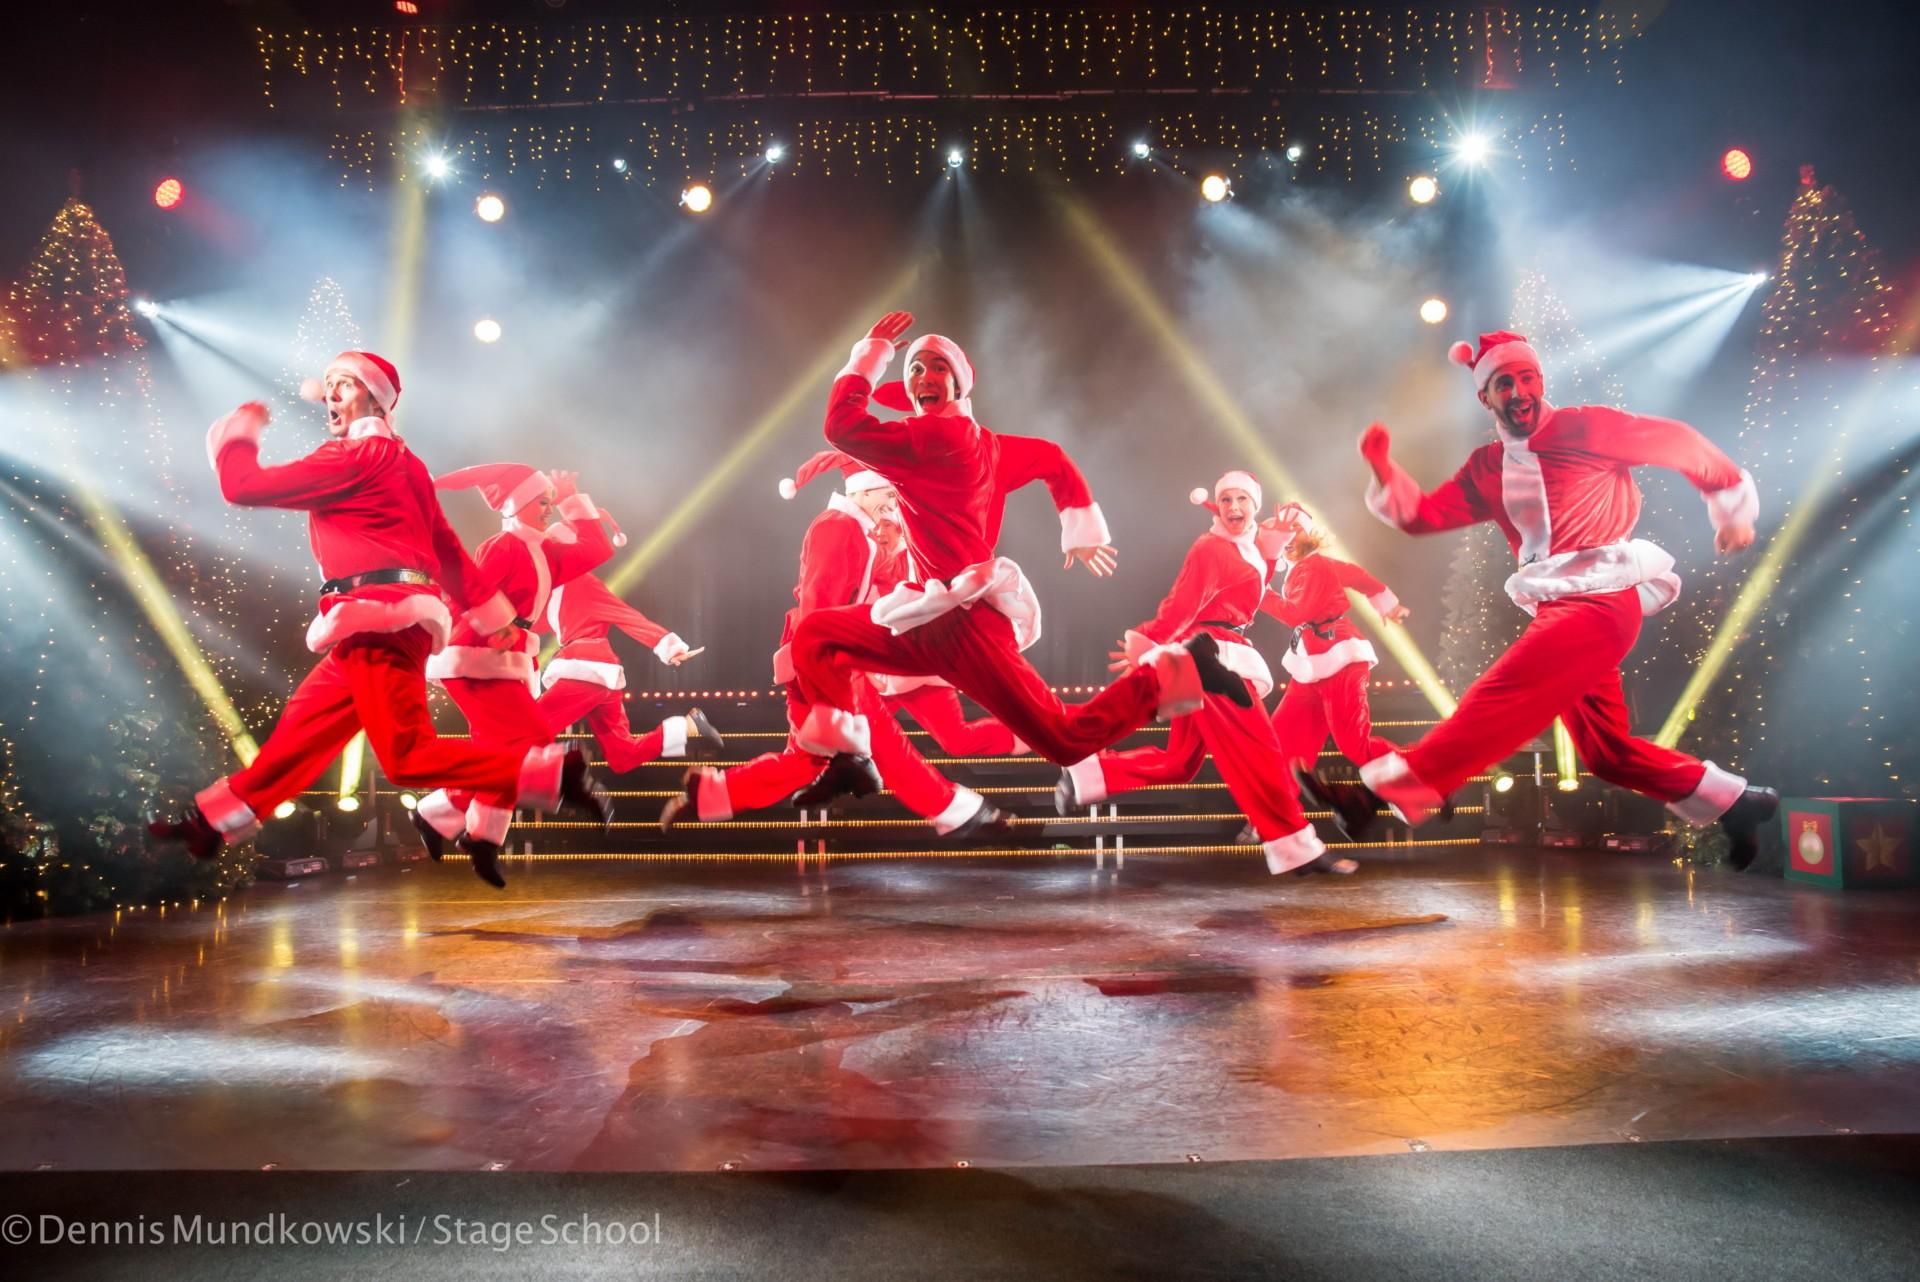 Die große Weihnachtsshow DSC 2771 c Dennis Mundkowski - Theater-Tipps im November